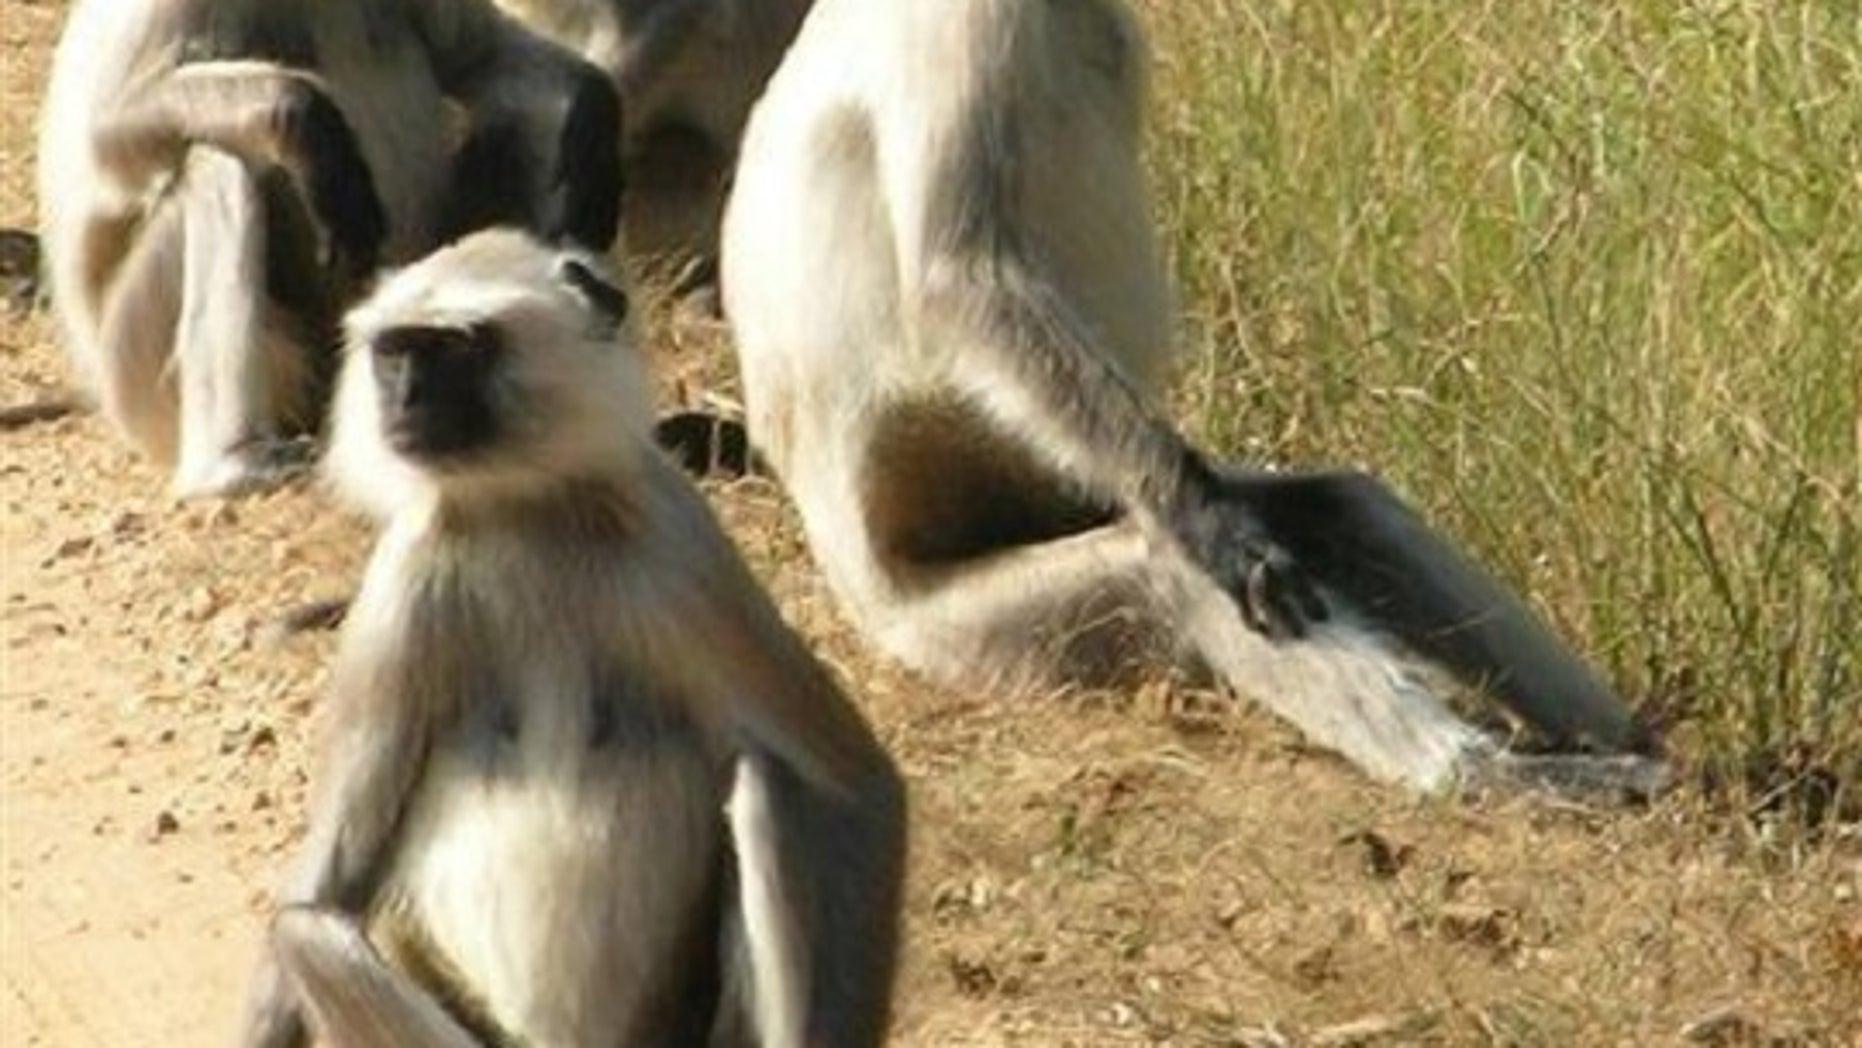 Six jailed in Vietnam for killing, eating endangered monkey